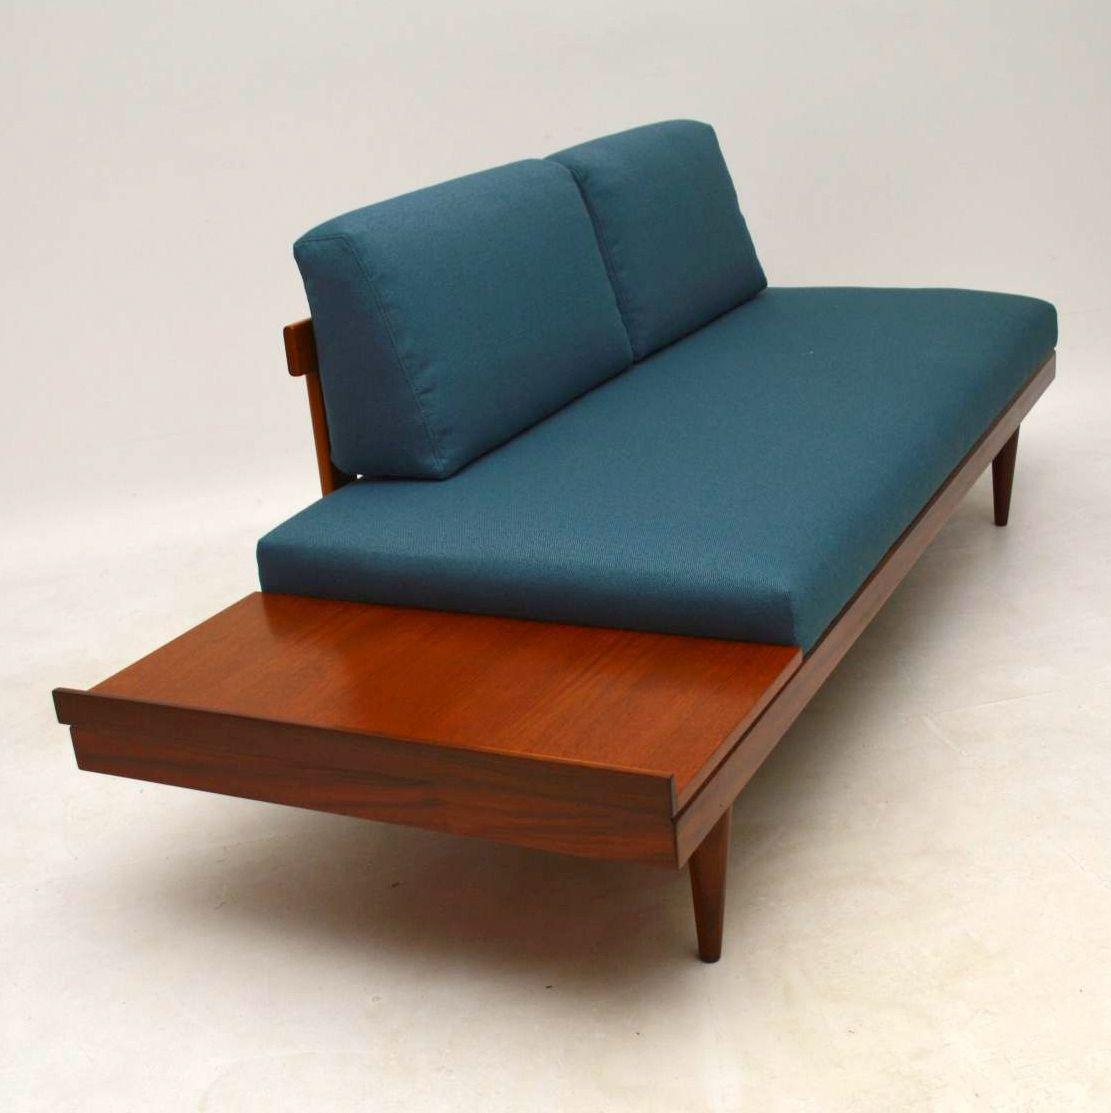 1950 S Vintage Teak Sofa Bed By Ingmar Relling